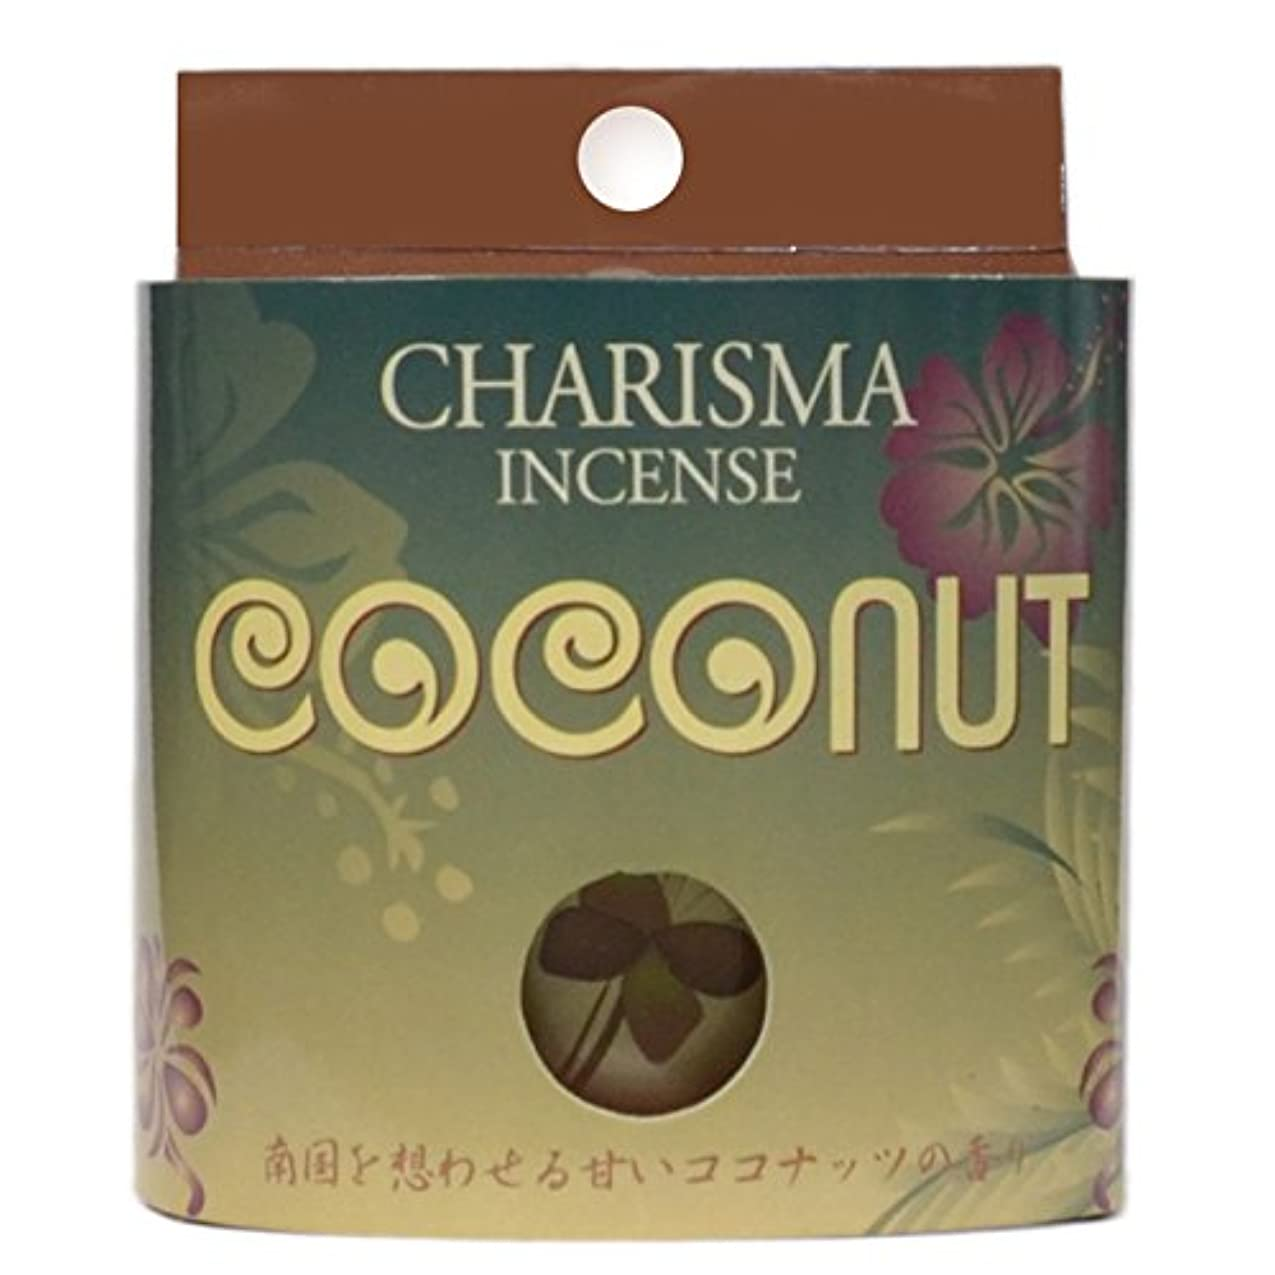 怪物契約好ましいカリスマインセンスコーン ココナッツ